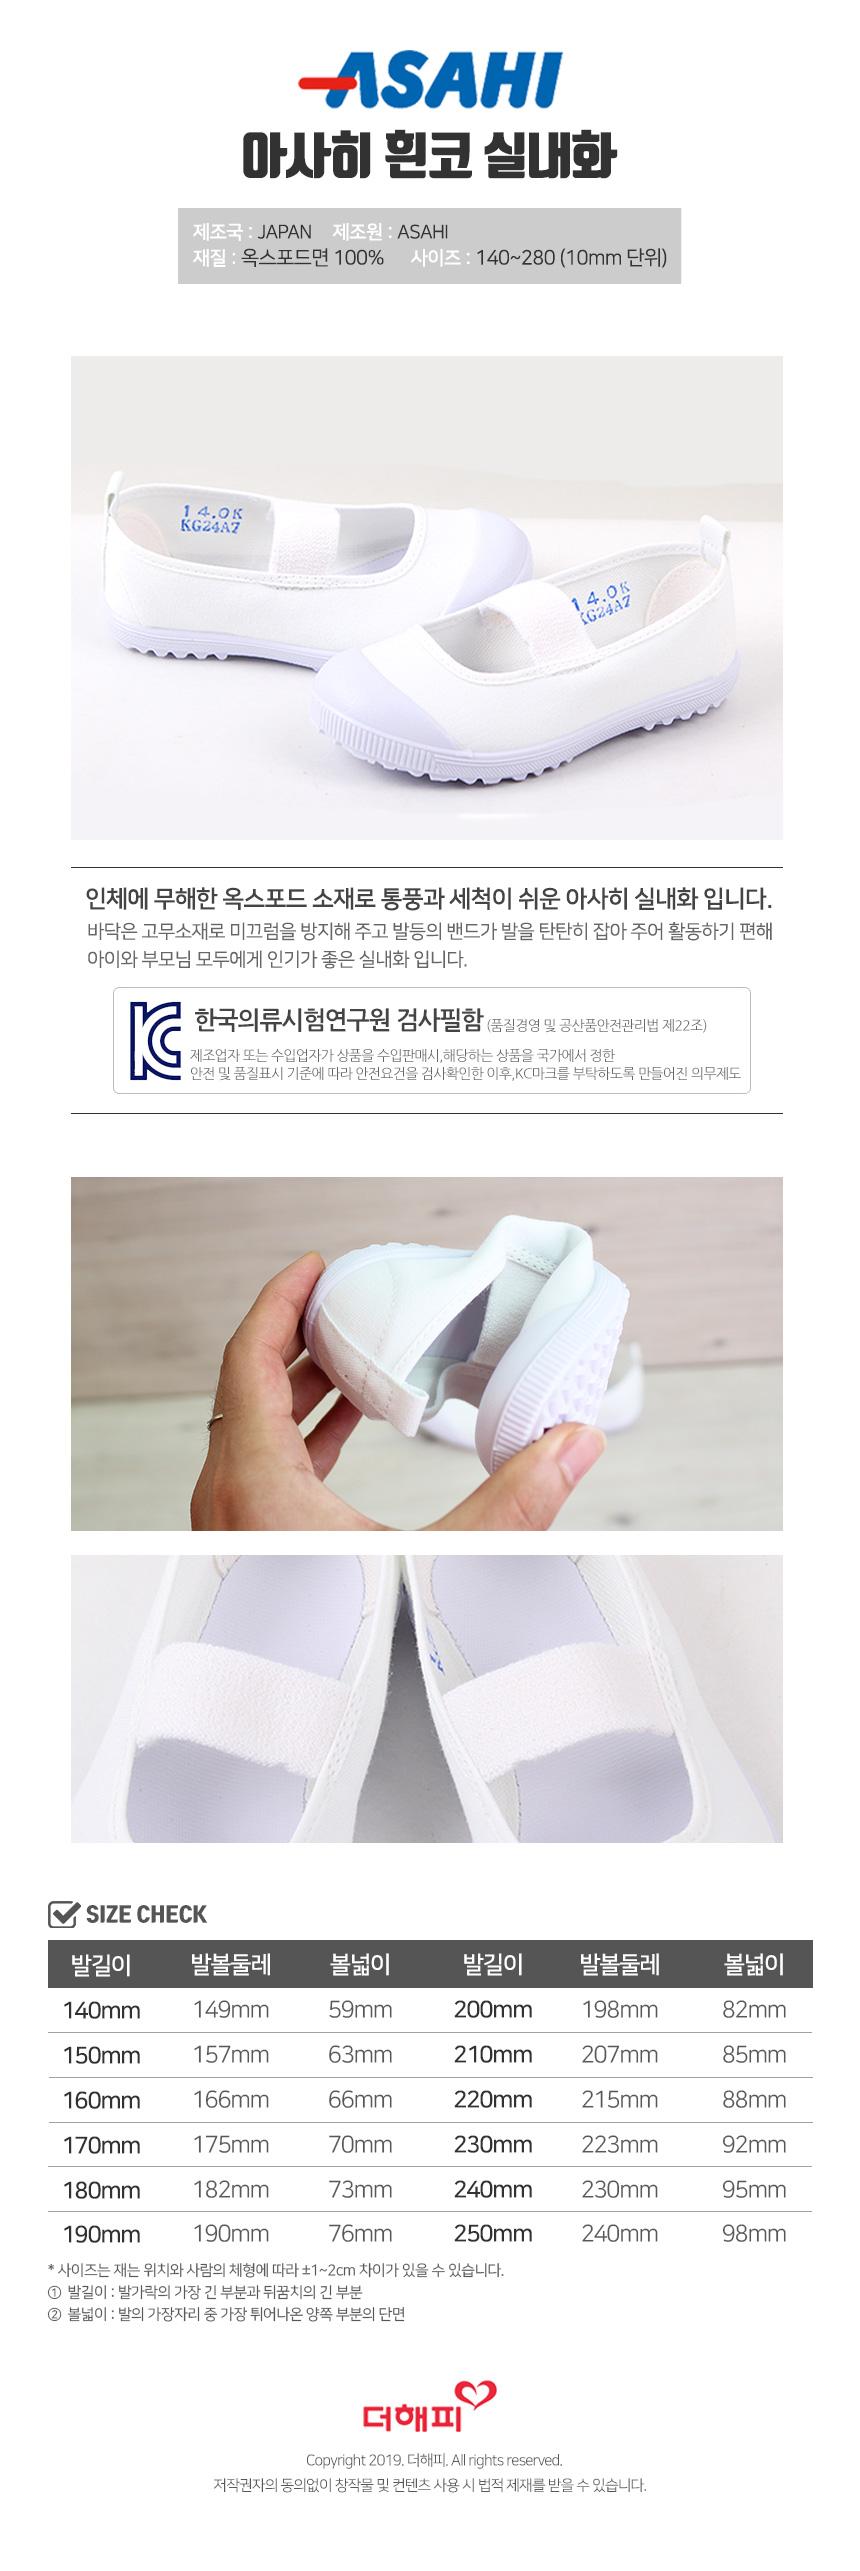 아사히 흰코 실내화 유치원 초등 학교 입학 준비물 - 더해피, 19,900원, 신발, 실내화